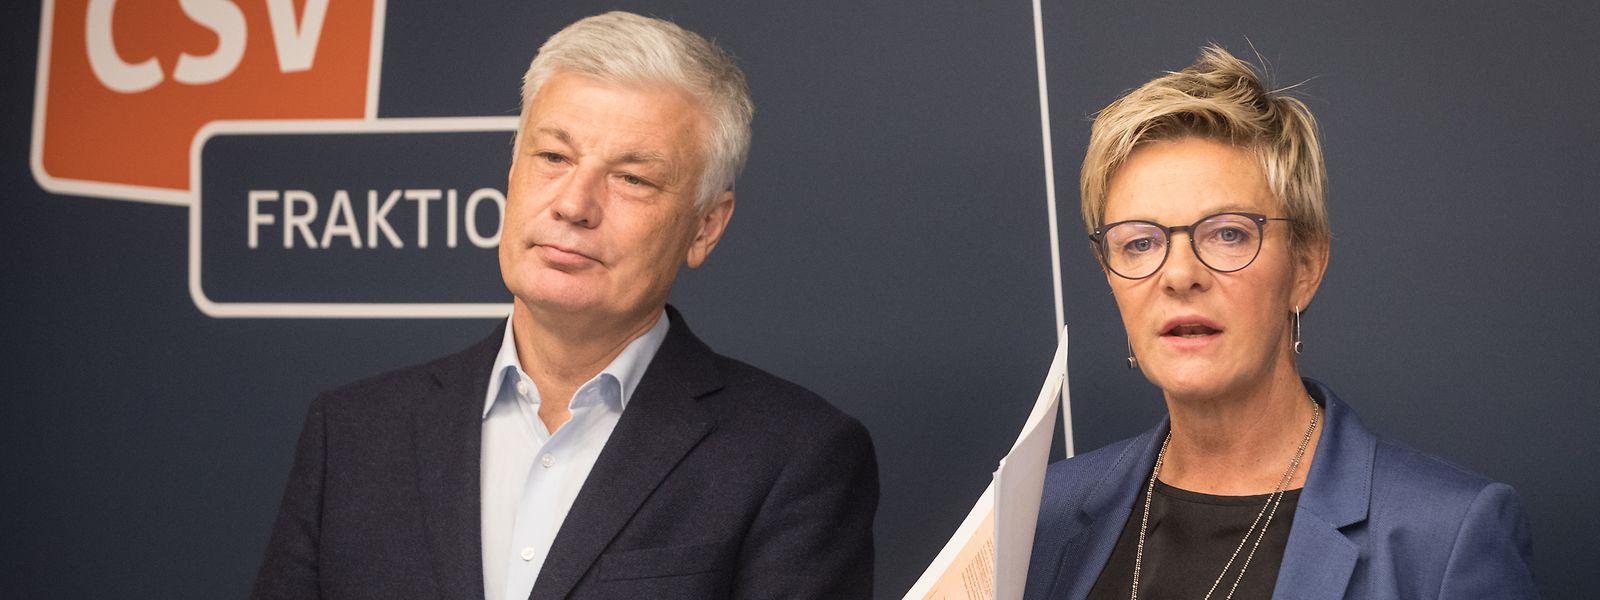 """""""Jeder soll wie Traversini behandelt werden"""", fordern Martine Hansen und Claude Wiseler"""